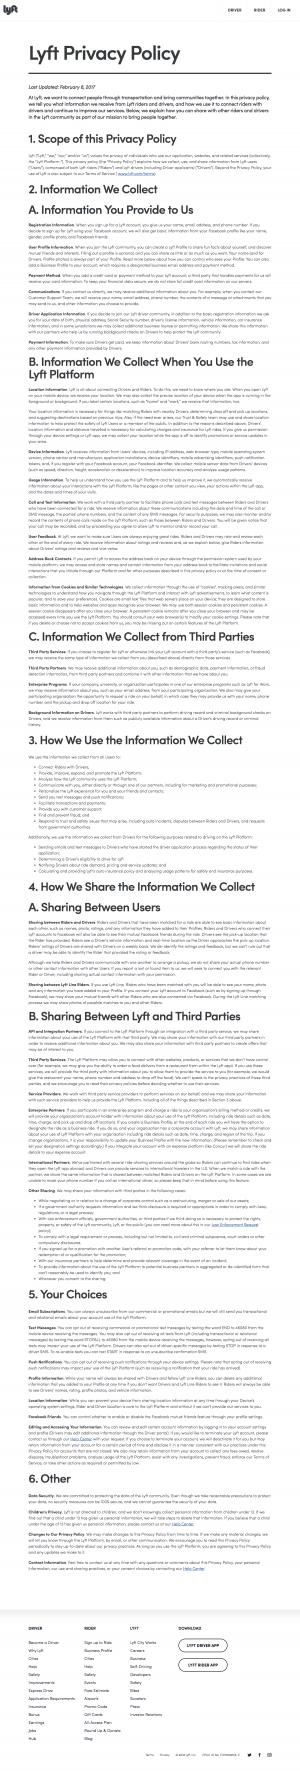 privacy page - lyft